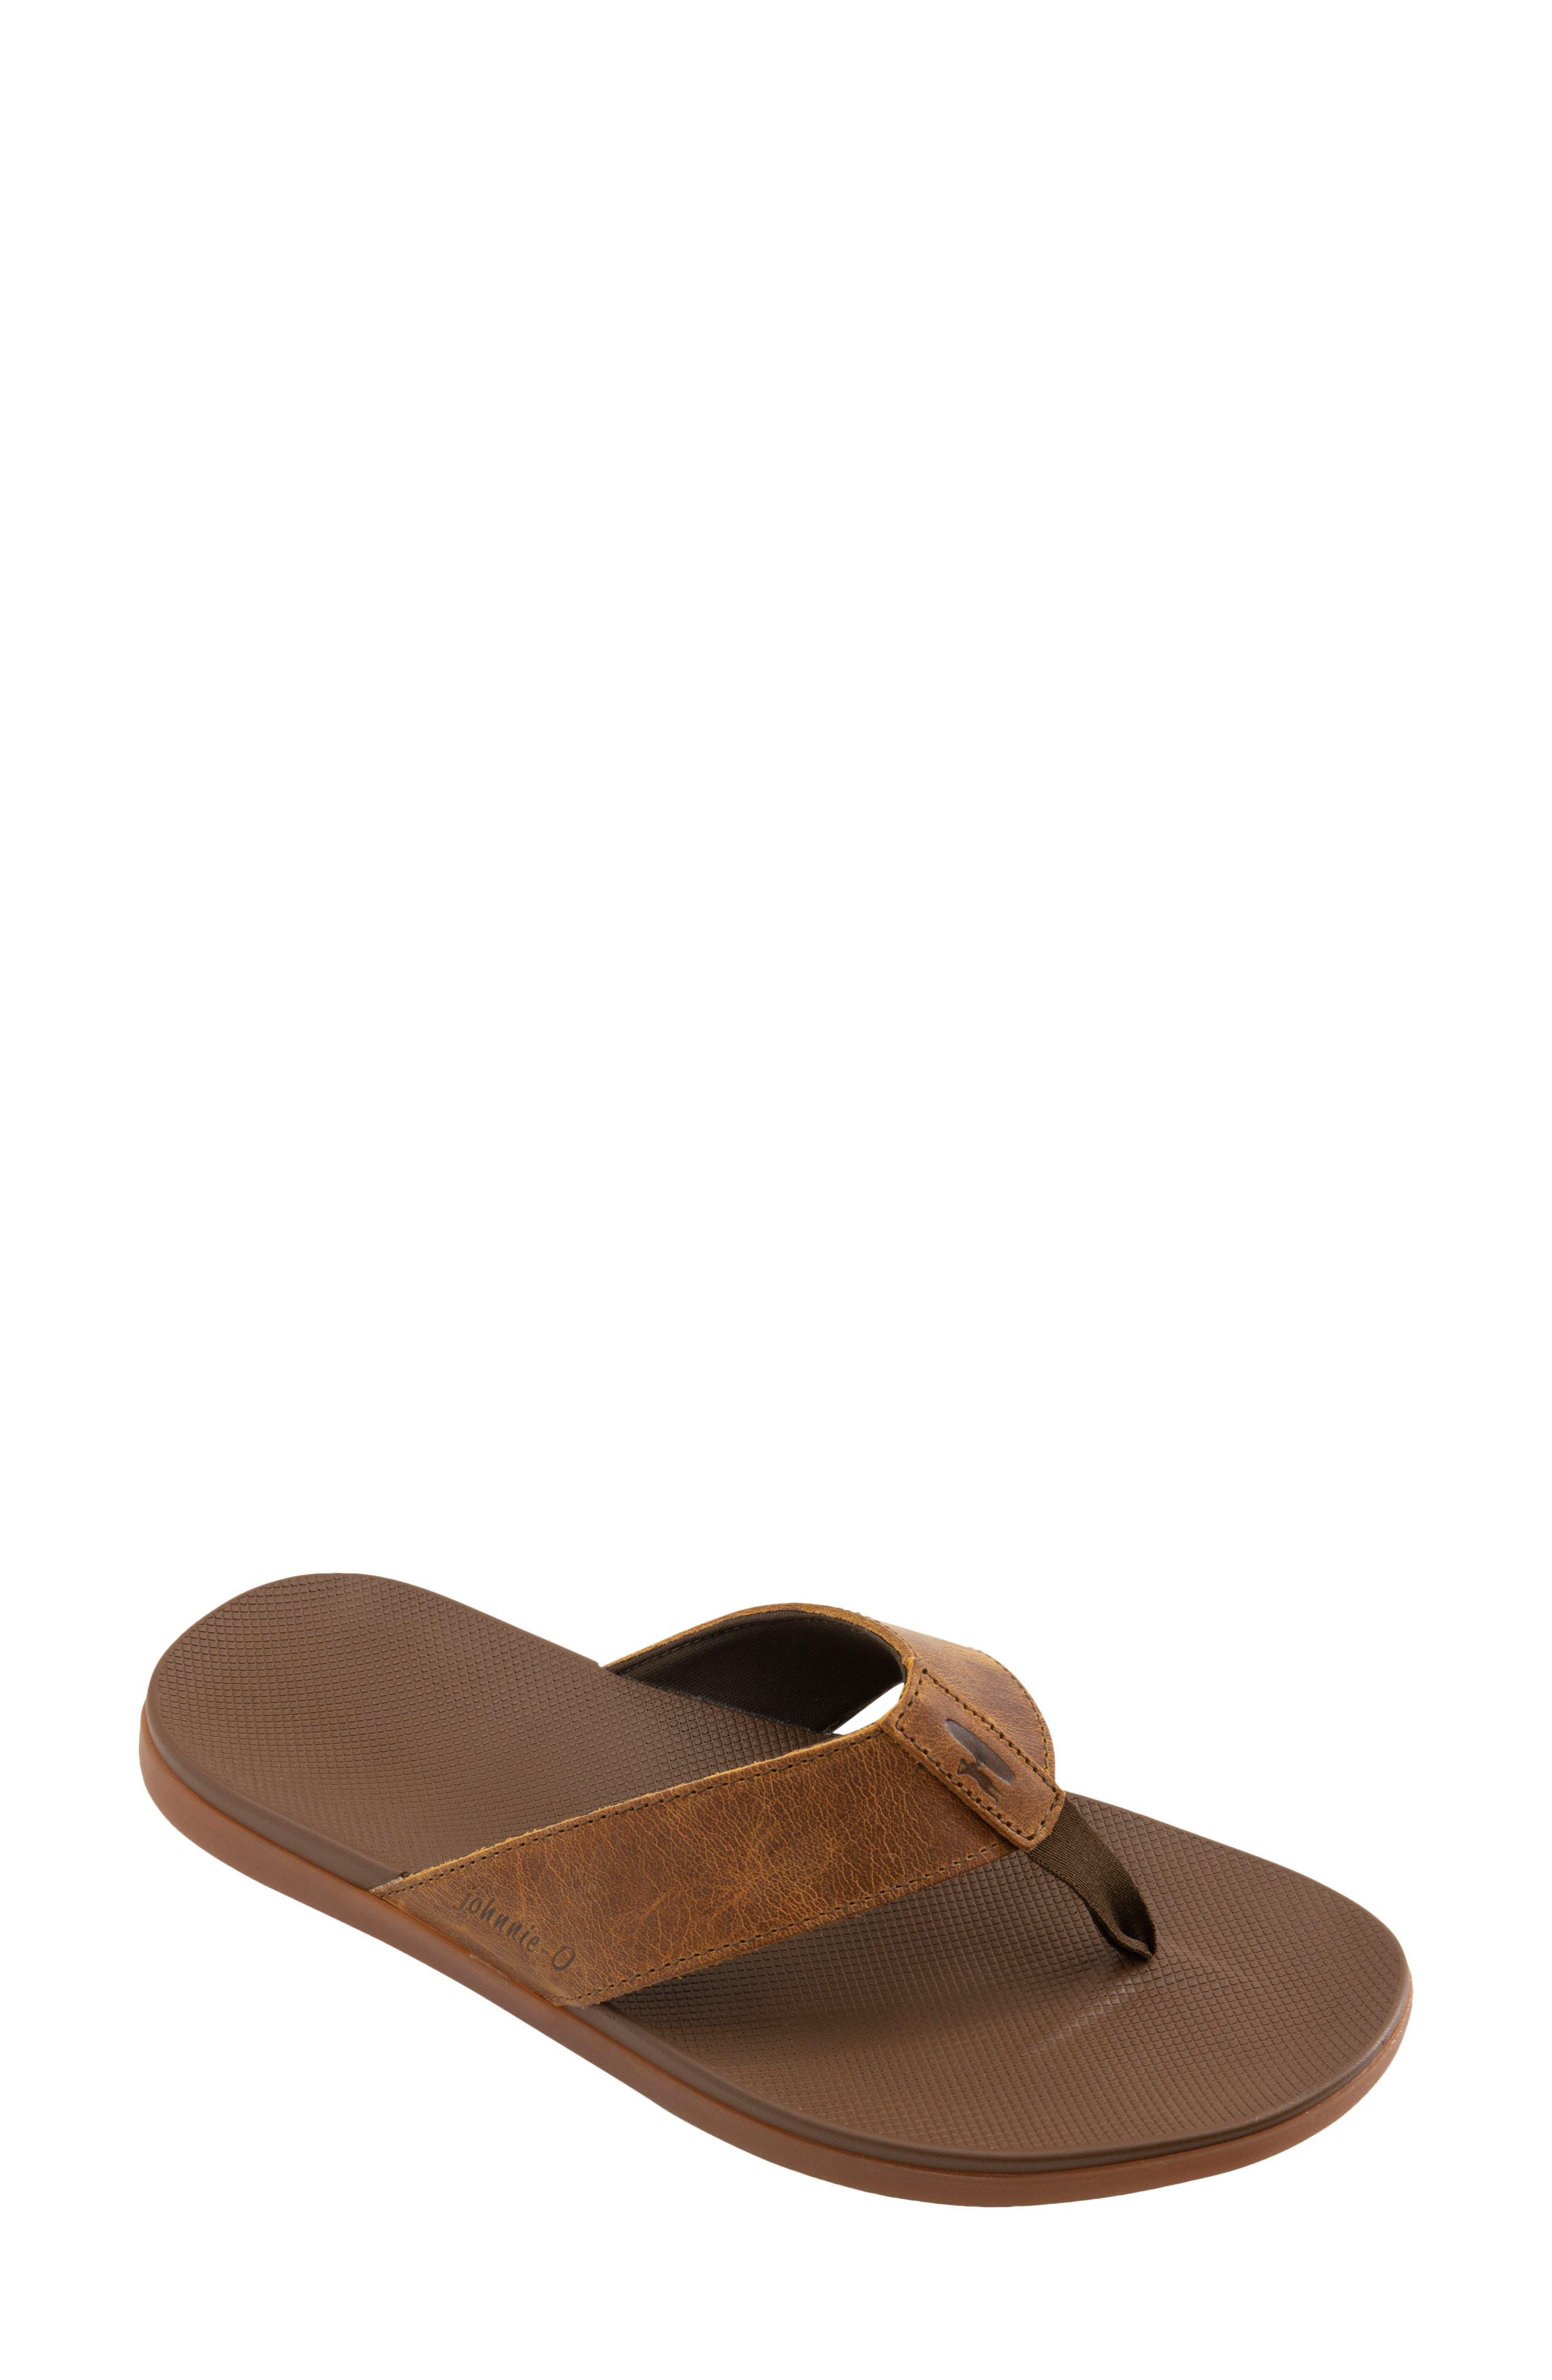 Dockside Leather Flip Flop